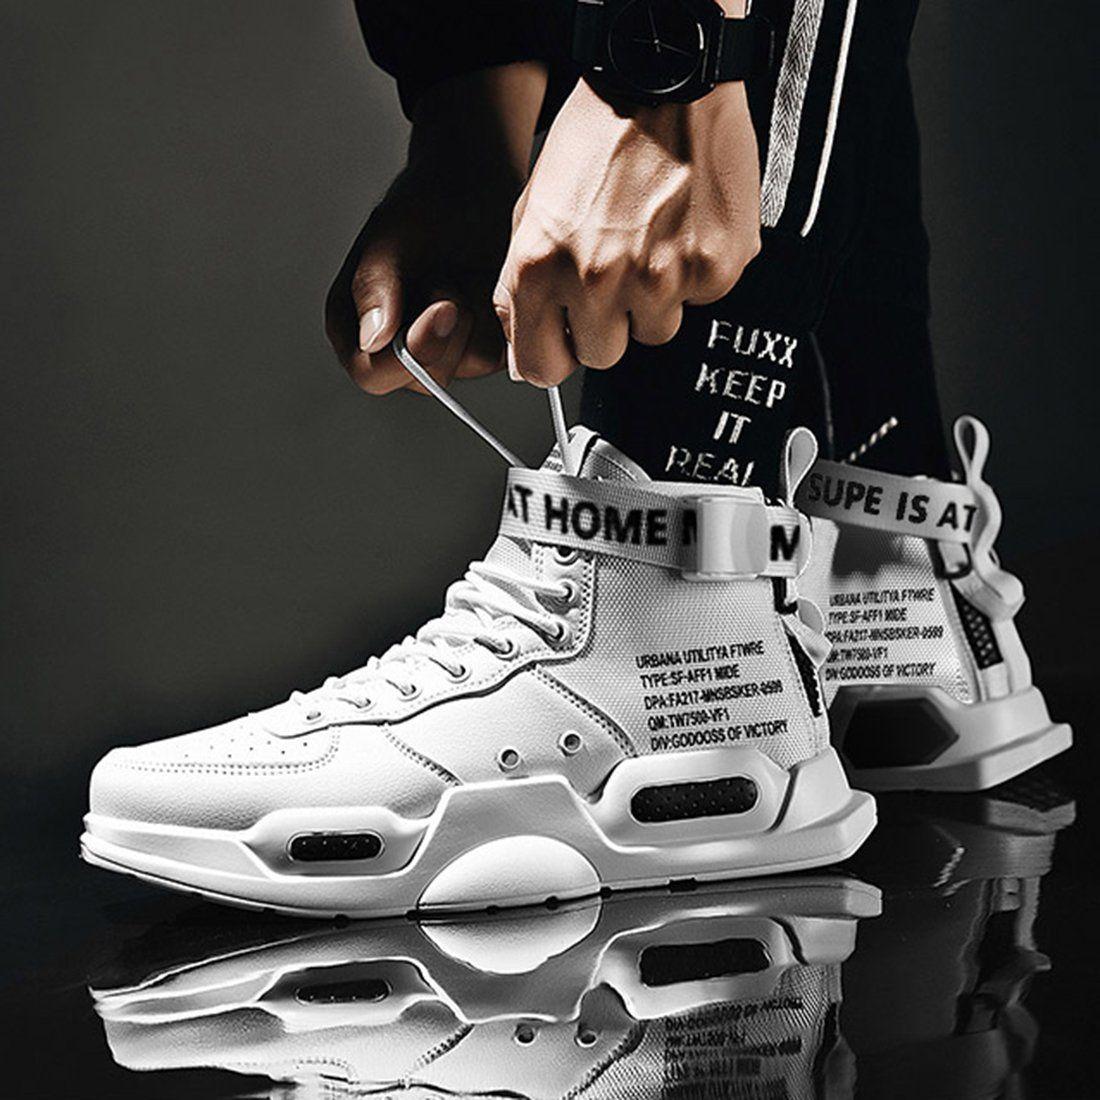 36422c15c4 Ae in 2019 | Buy | Sneakers nike, Sneakers, Shoes